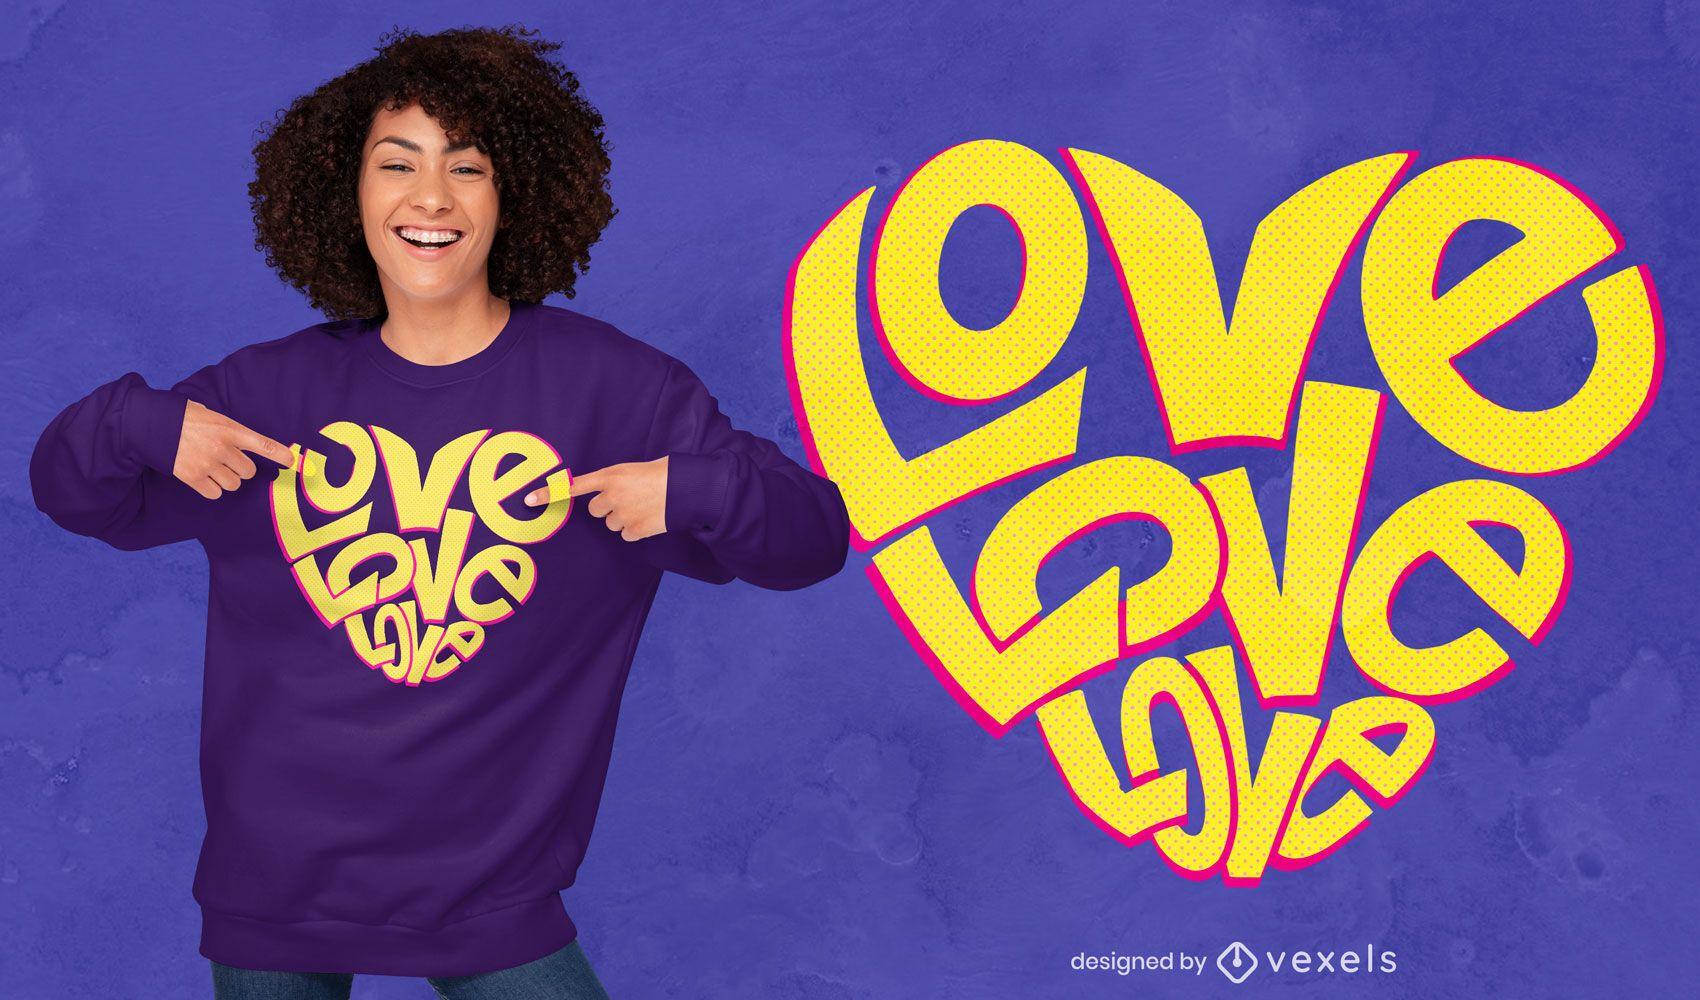 Love heart t-shirt design